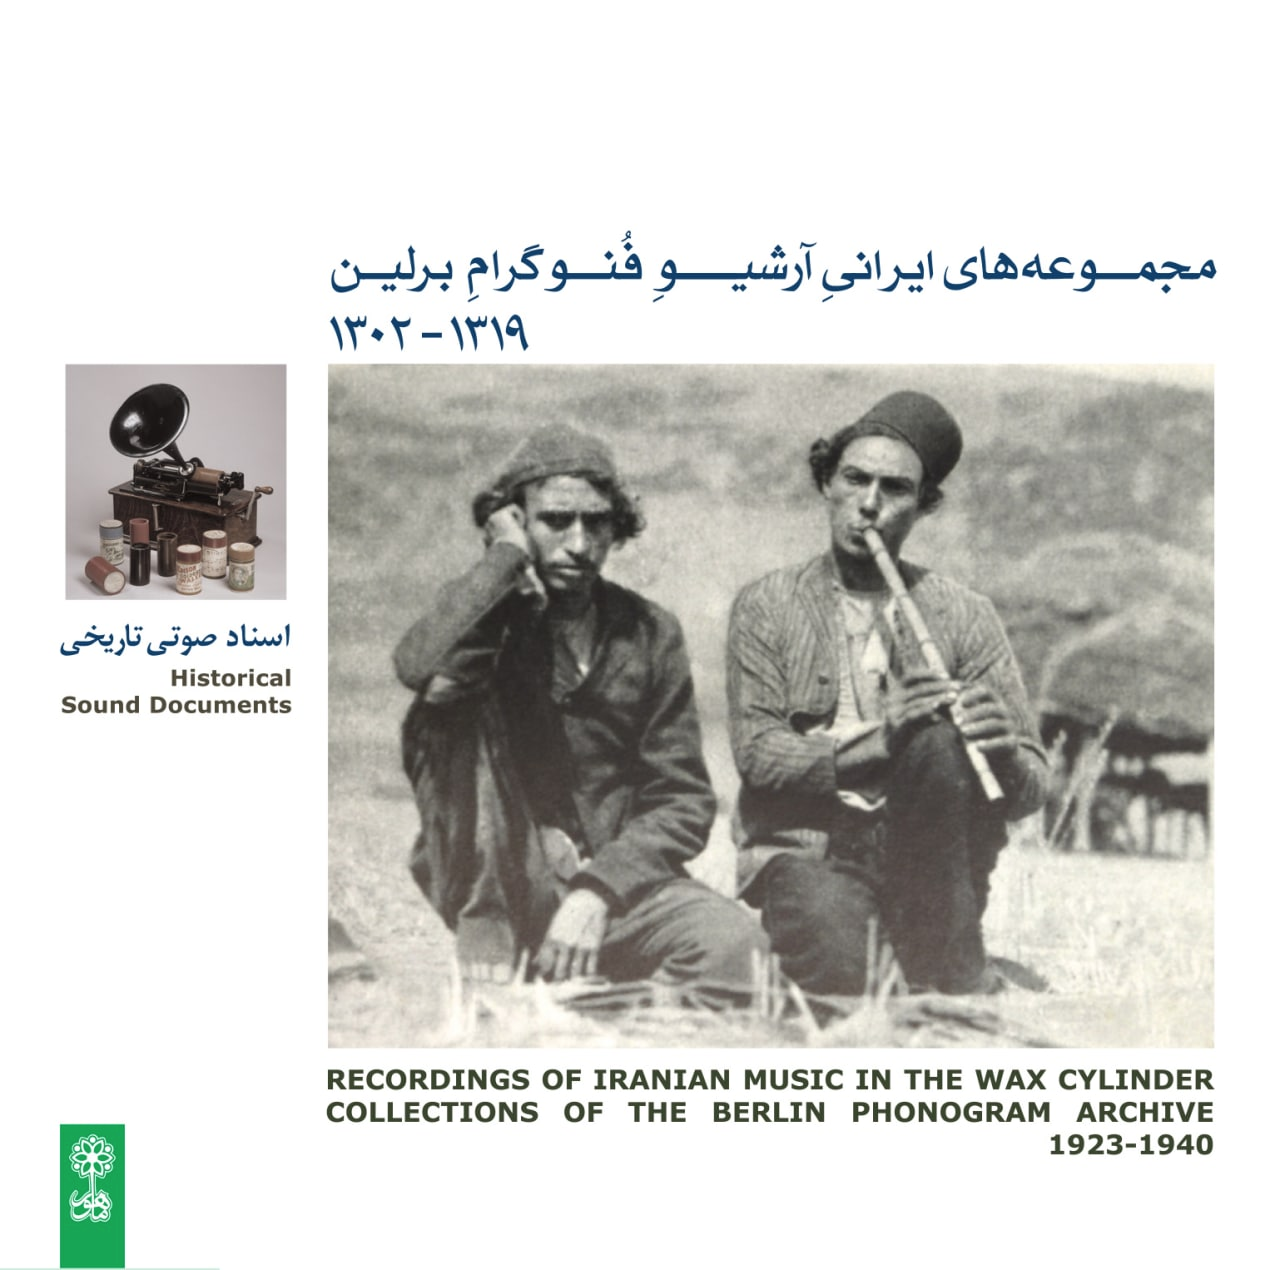 سیدی مجموعه ایرانی آرشیو فنوگرام برلین انتشارات ماهور